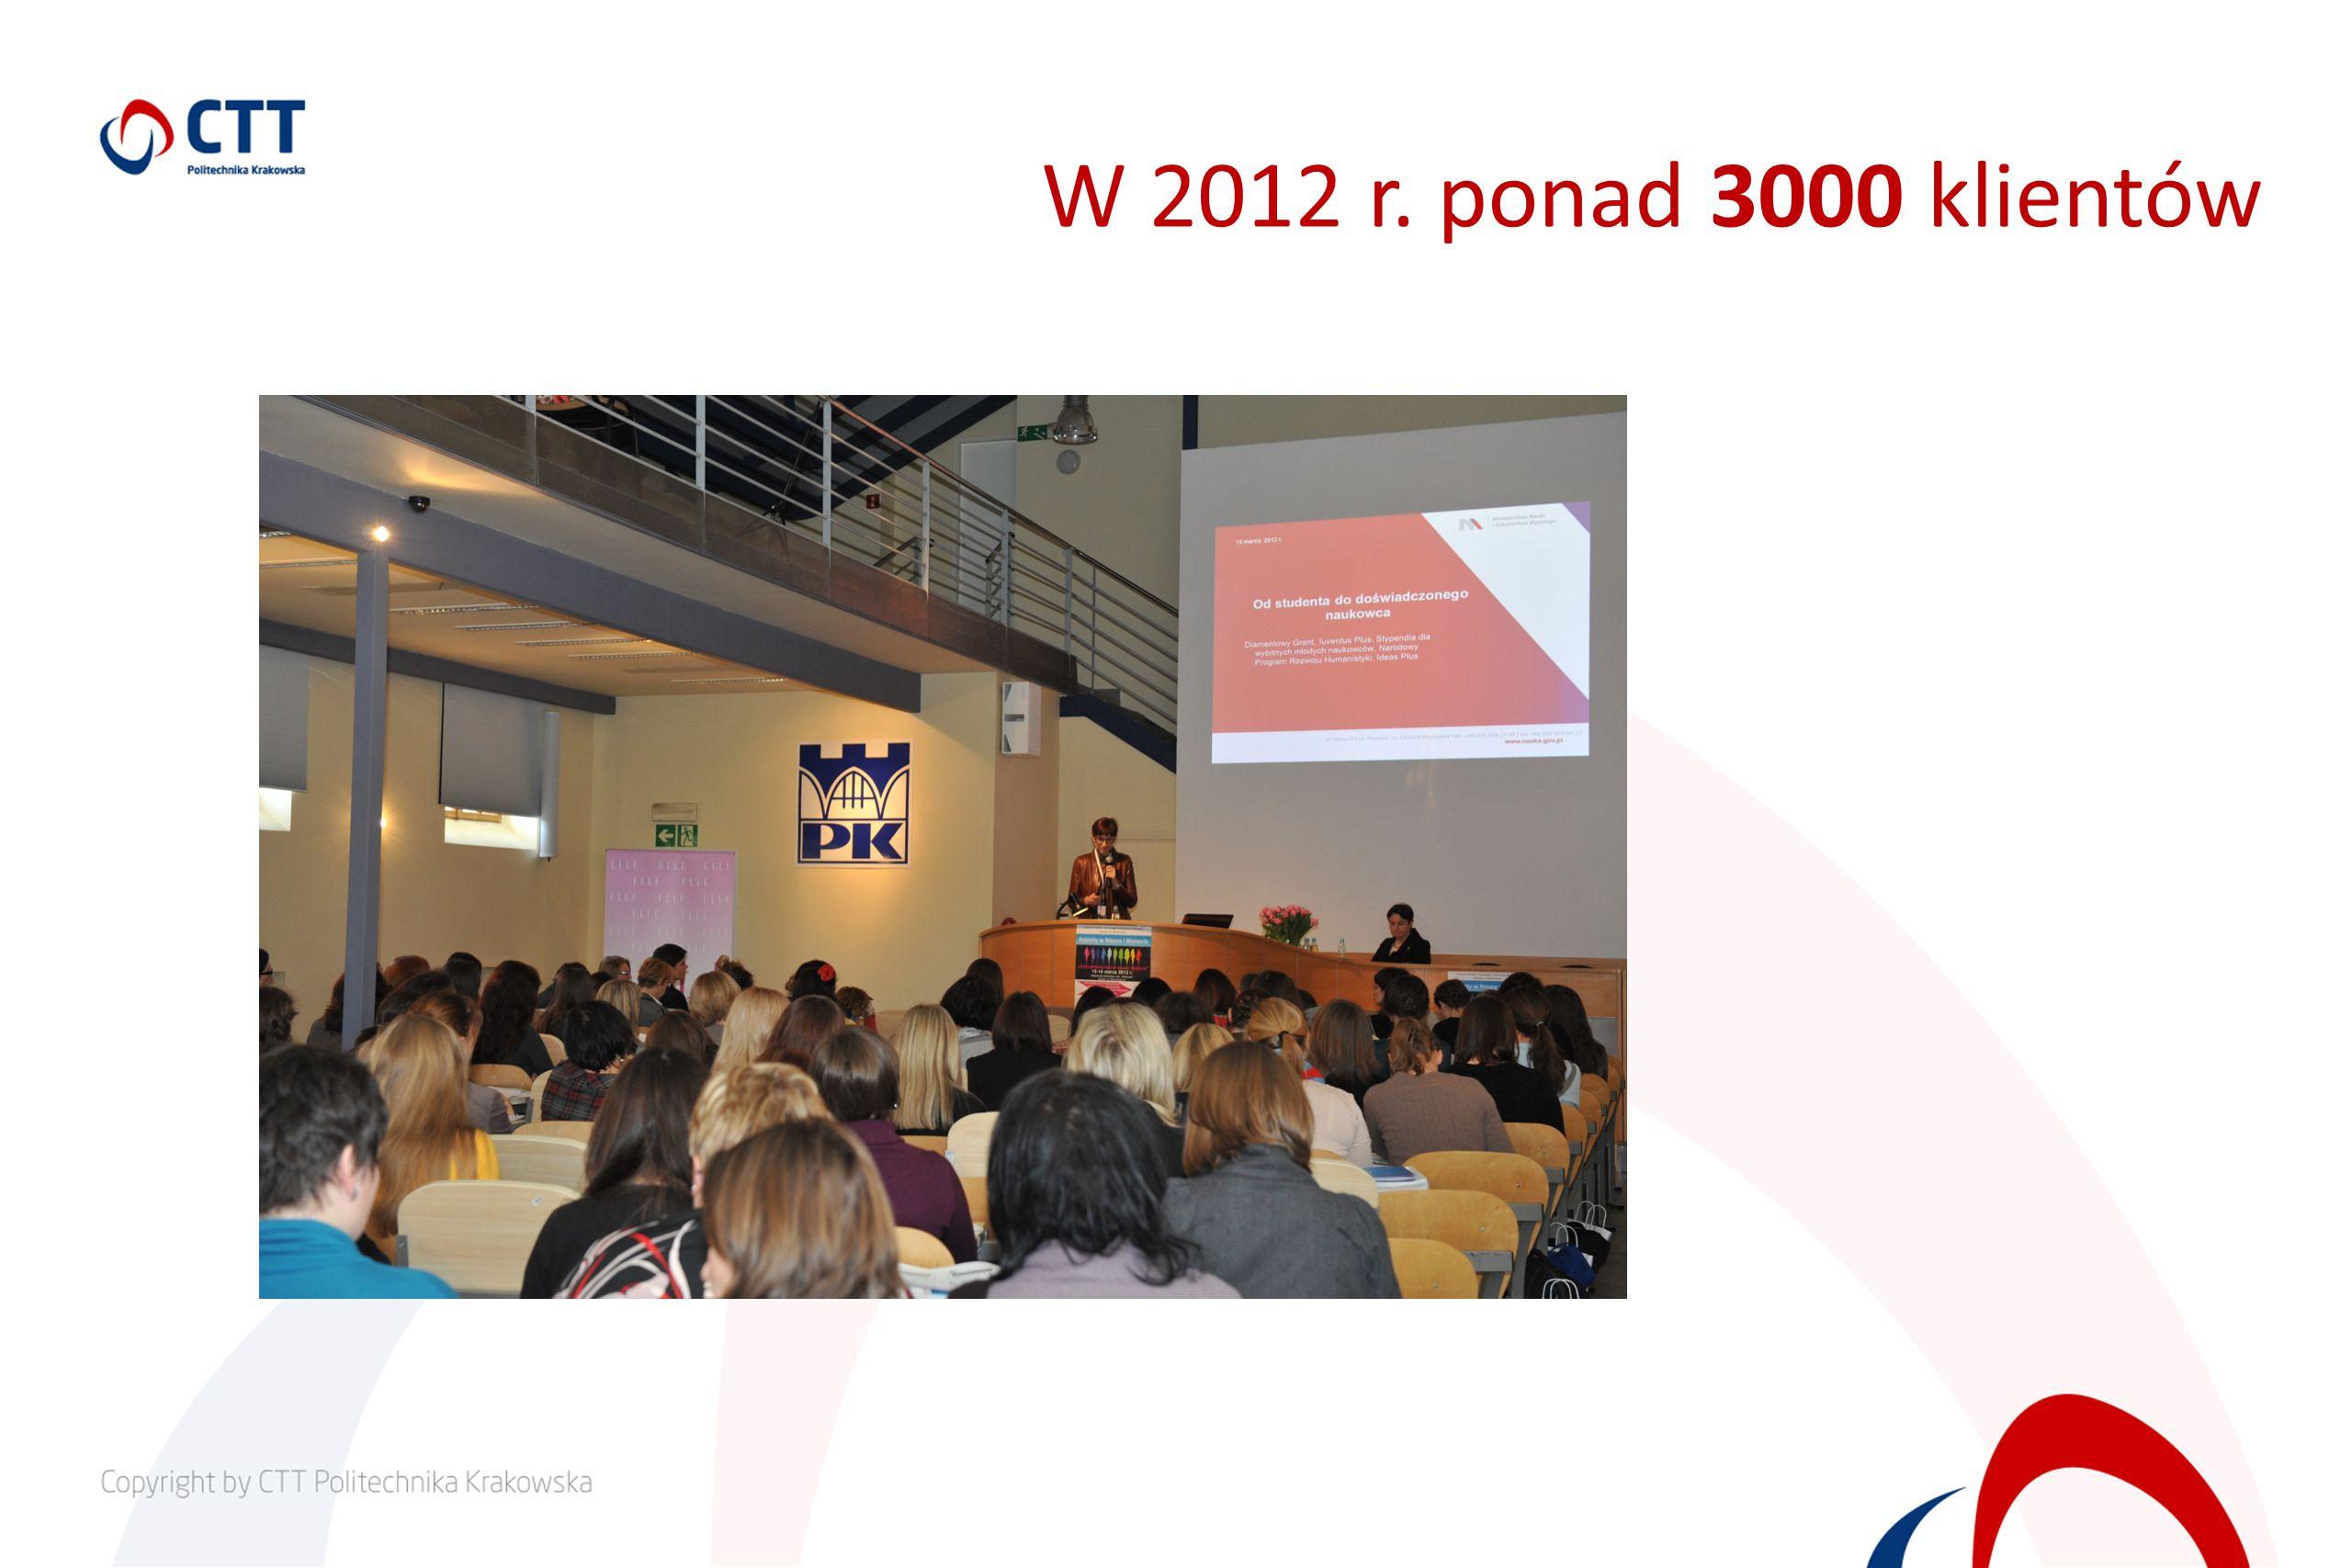 W 2012 r. ponad 3000 klientów